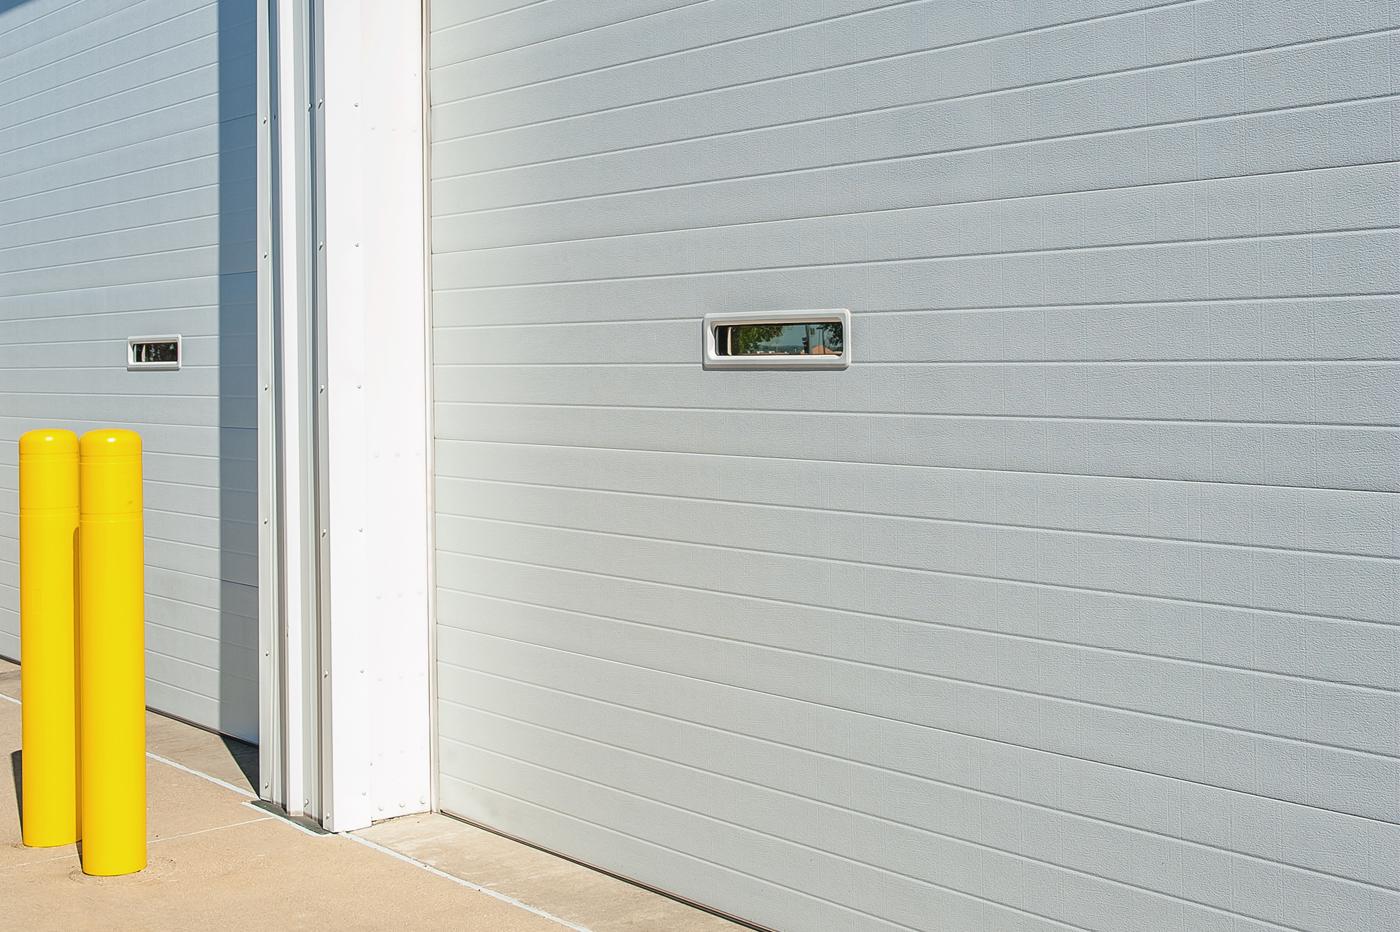 Chi Overhead Doors Introduces New Commercial Garage. Metal Garage Storage Cabinets. Custom Wood Entry Doors. Mirrors For Doors. Large Garages. 12 X 12 Garage Door For Sale. Clear Glass Entry Doors. Lock For French Doors. Double Lock Door Handle